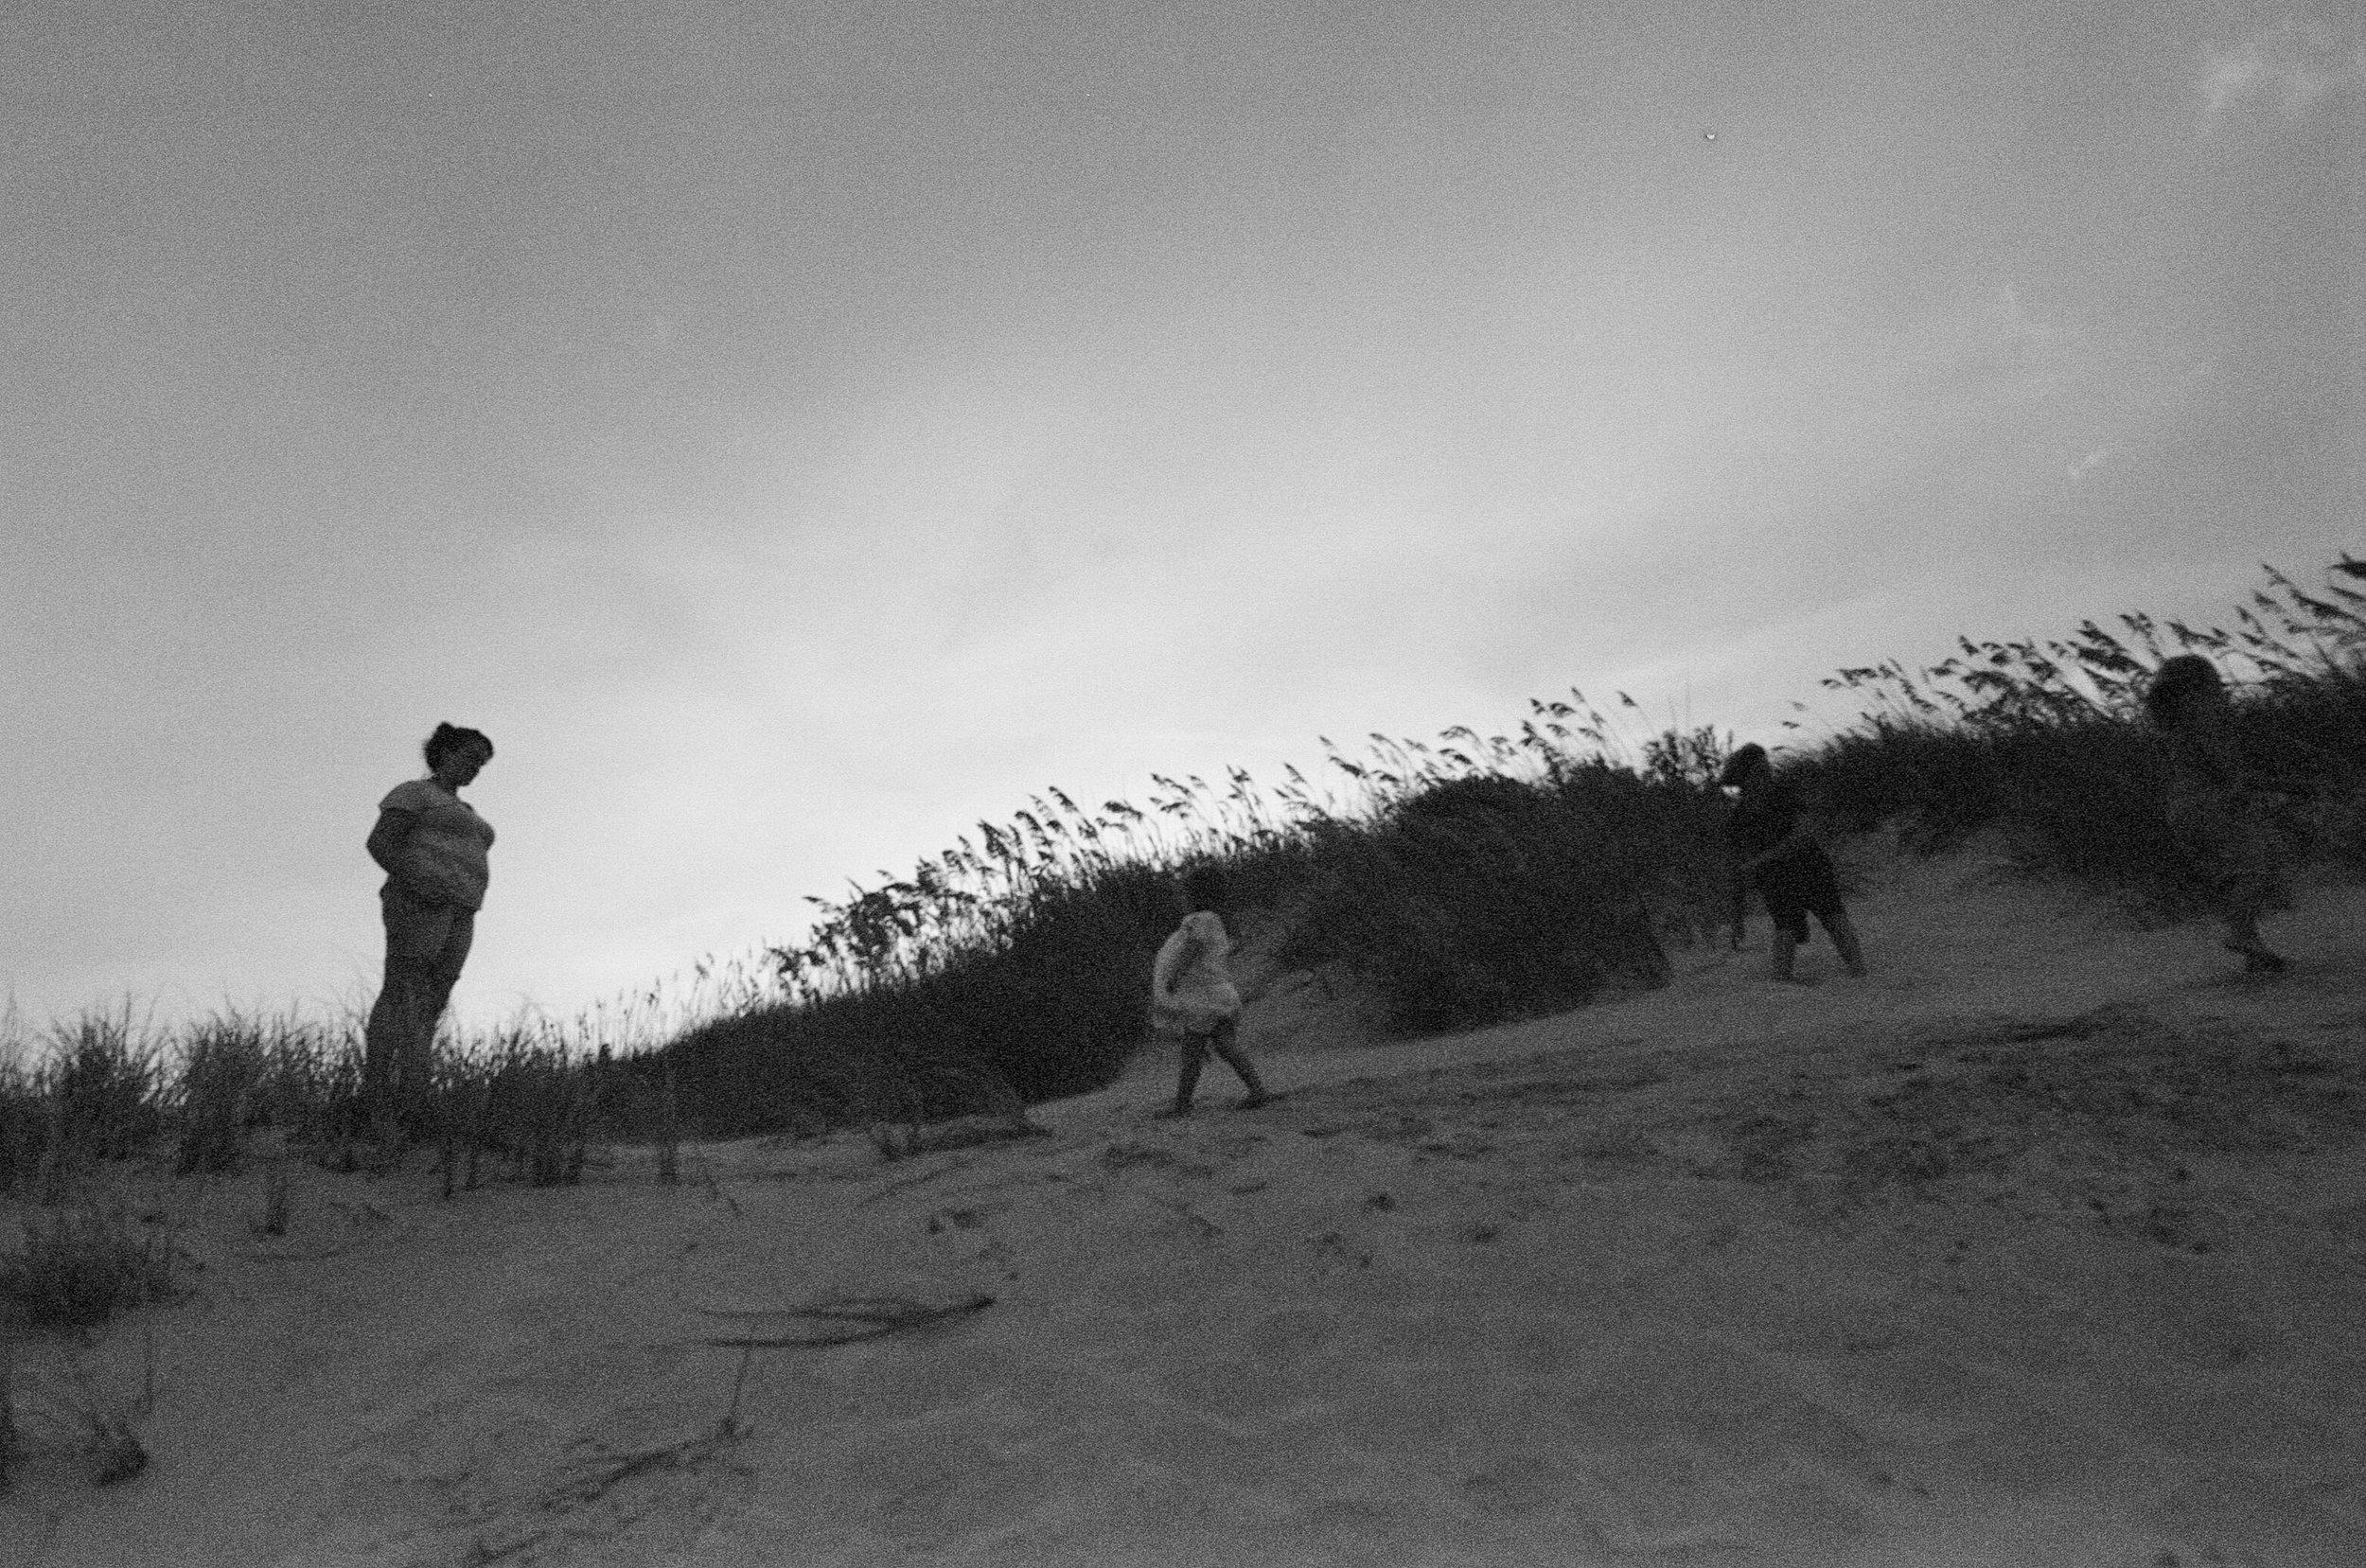 summer_on_film-6.jpg